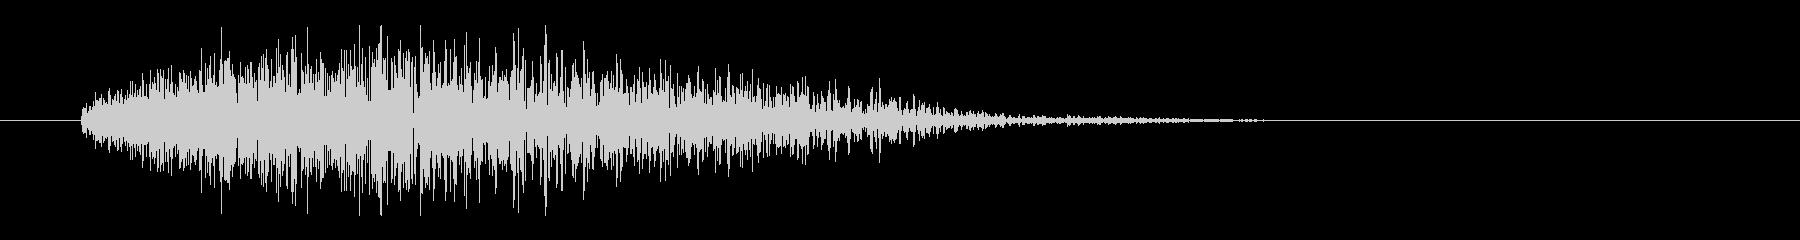 レーザー音-21-3の未再生の波形